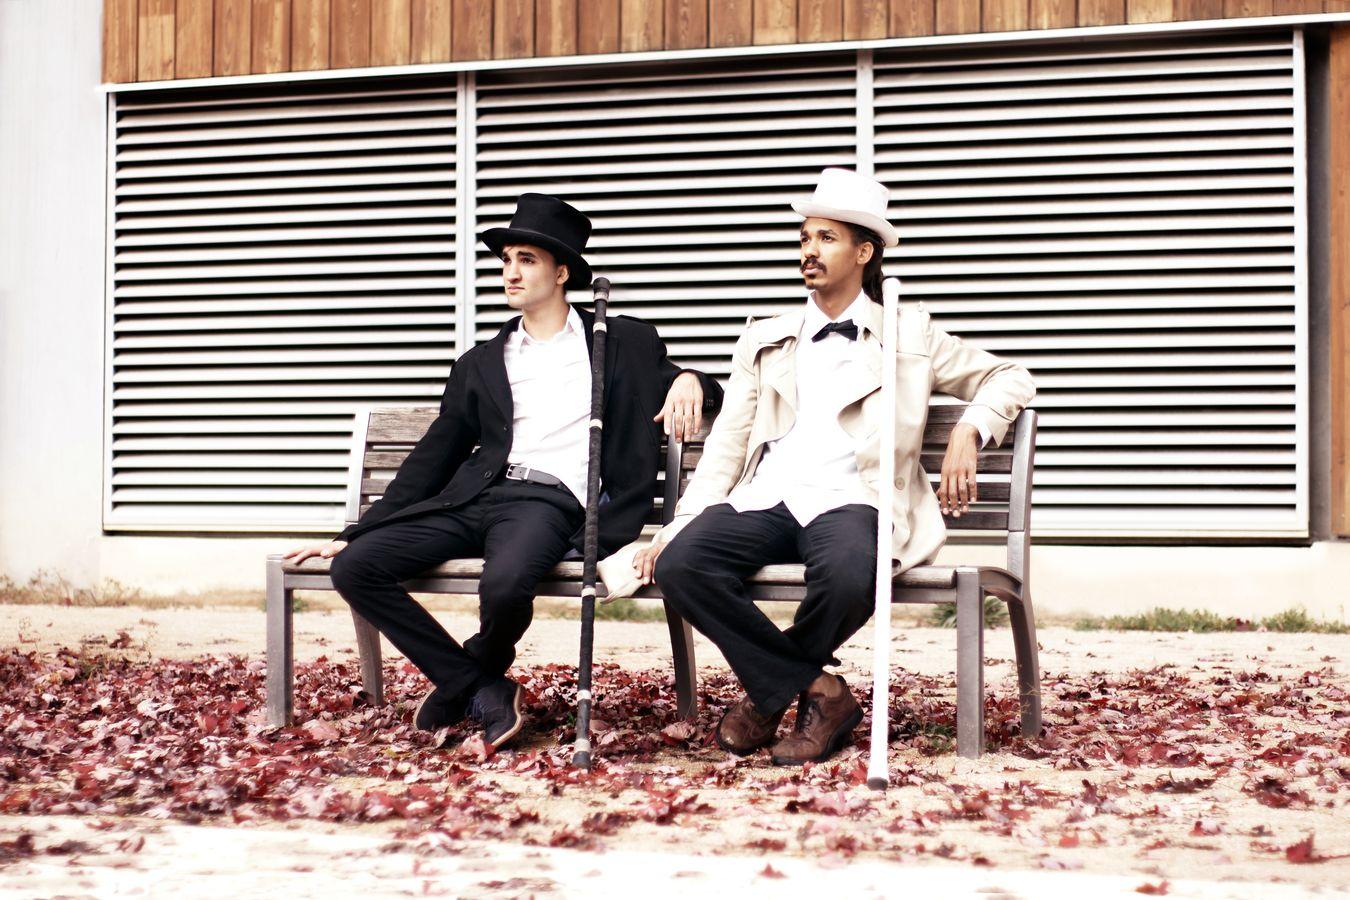 Étienne et JeanSou attendent assis sur un banc. Ils ont leur acrostaff appuyé sur l'épaule. De plus, ils portent, tous les deux un haut-de-forme. Mais, qu'est-ce que les membres de la compagnie Mimétis peuvent bien attendre...